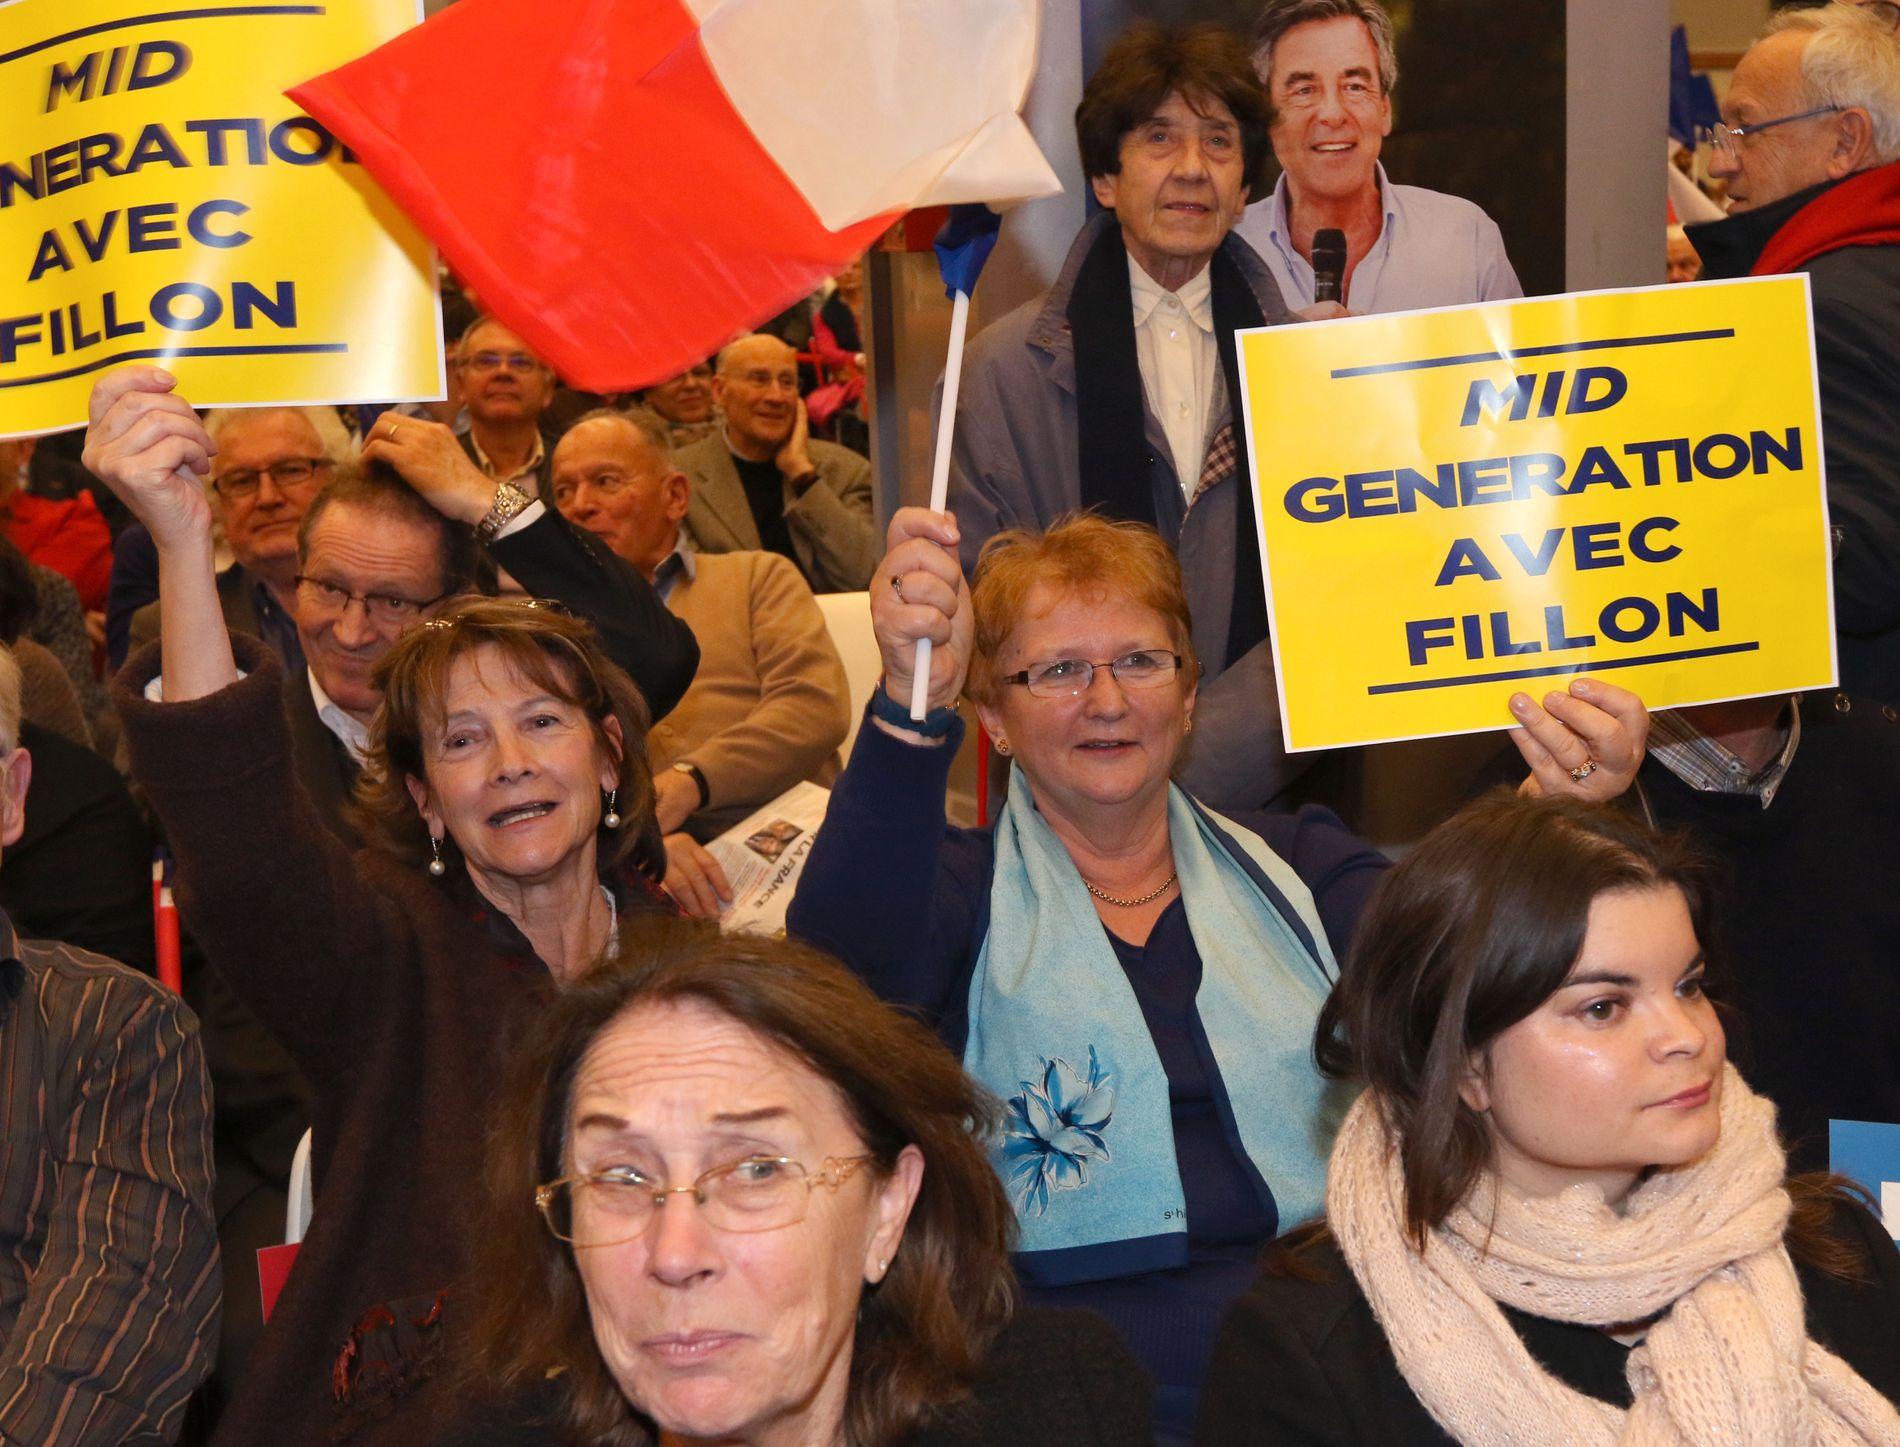 VOKSNE FOR FILLOT: Martine Piget og Adrien Pittino(i midten) jublet, sang og ropte til støtte for tidligere statsminister Francois Fillon. - Vi vil ha ham som vår neste president, sier de to til VG. Foto: KRISTOFER SANDBERG